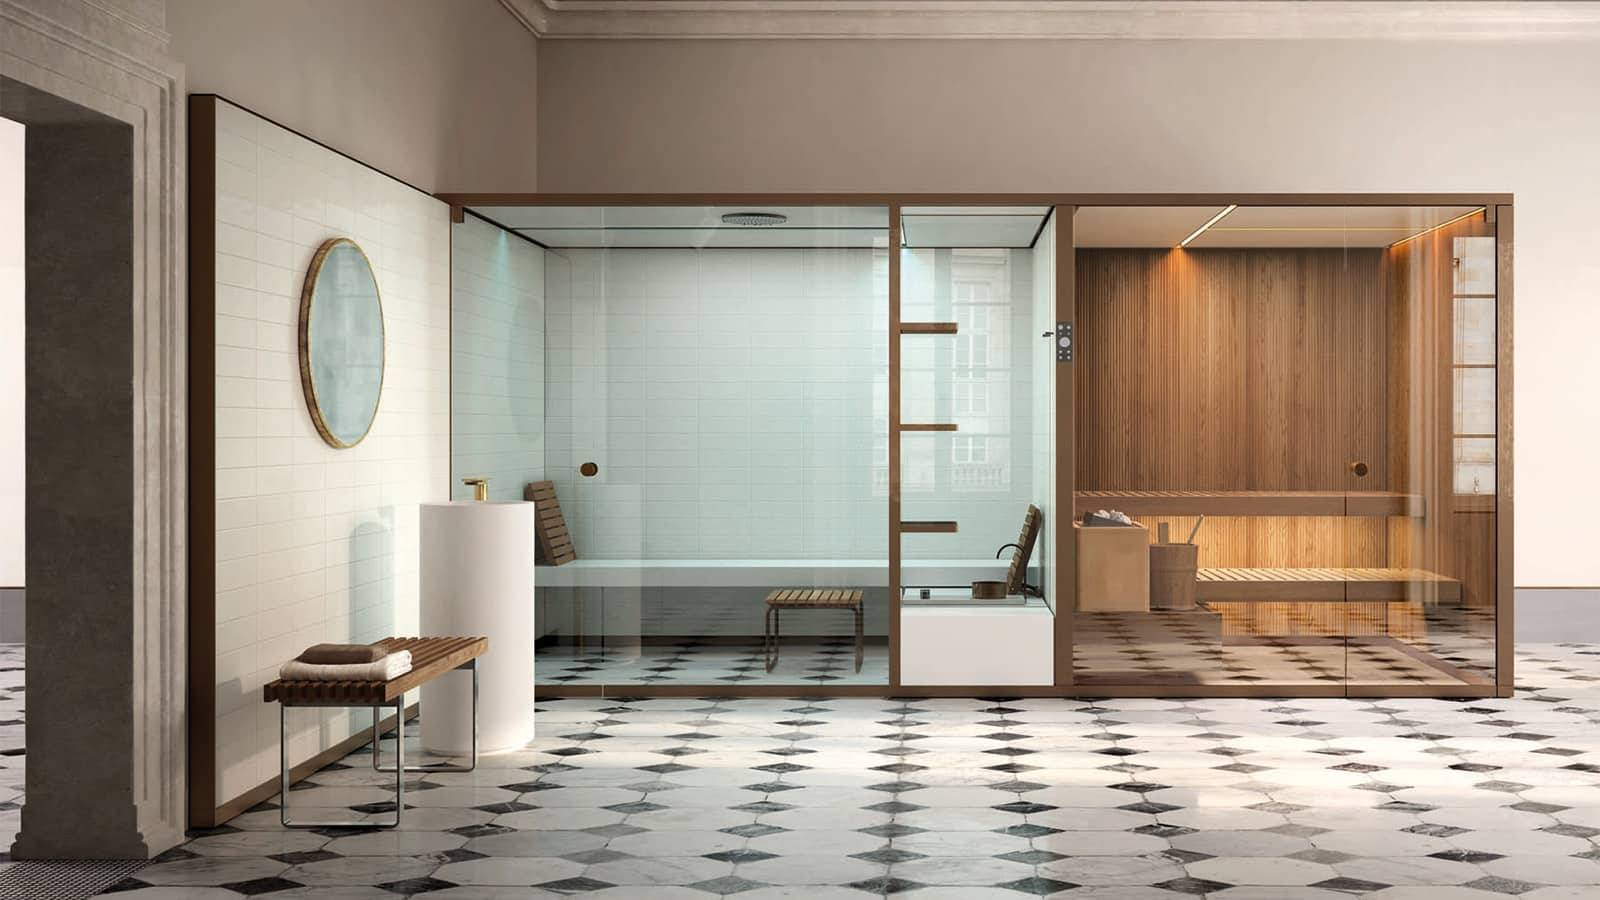 luxe finse sauna op maat in hout met glazen deuren en afwerking in marmer effegibi bodylove via noctum